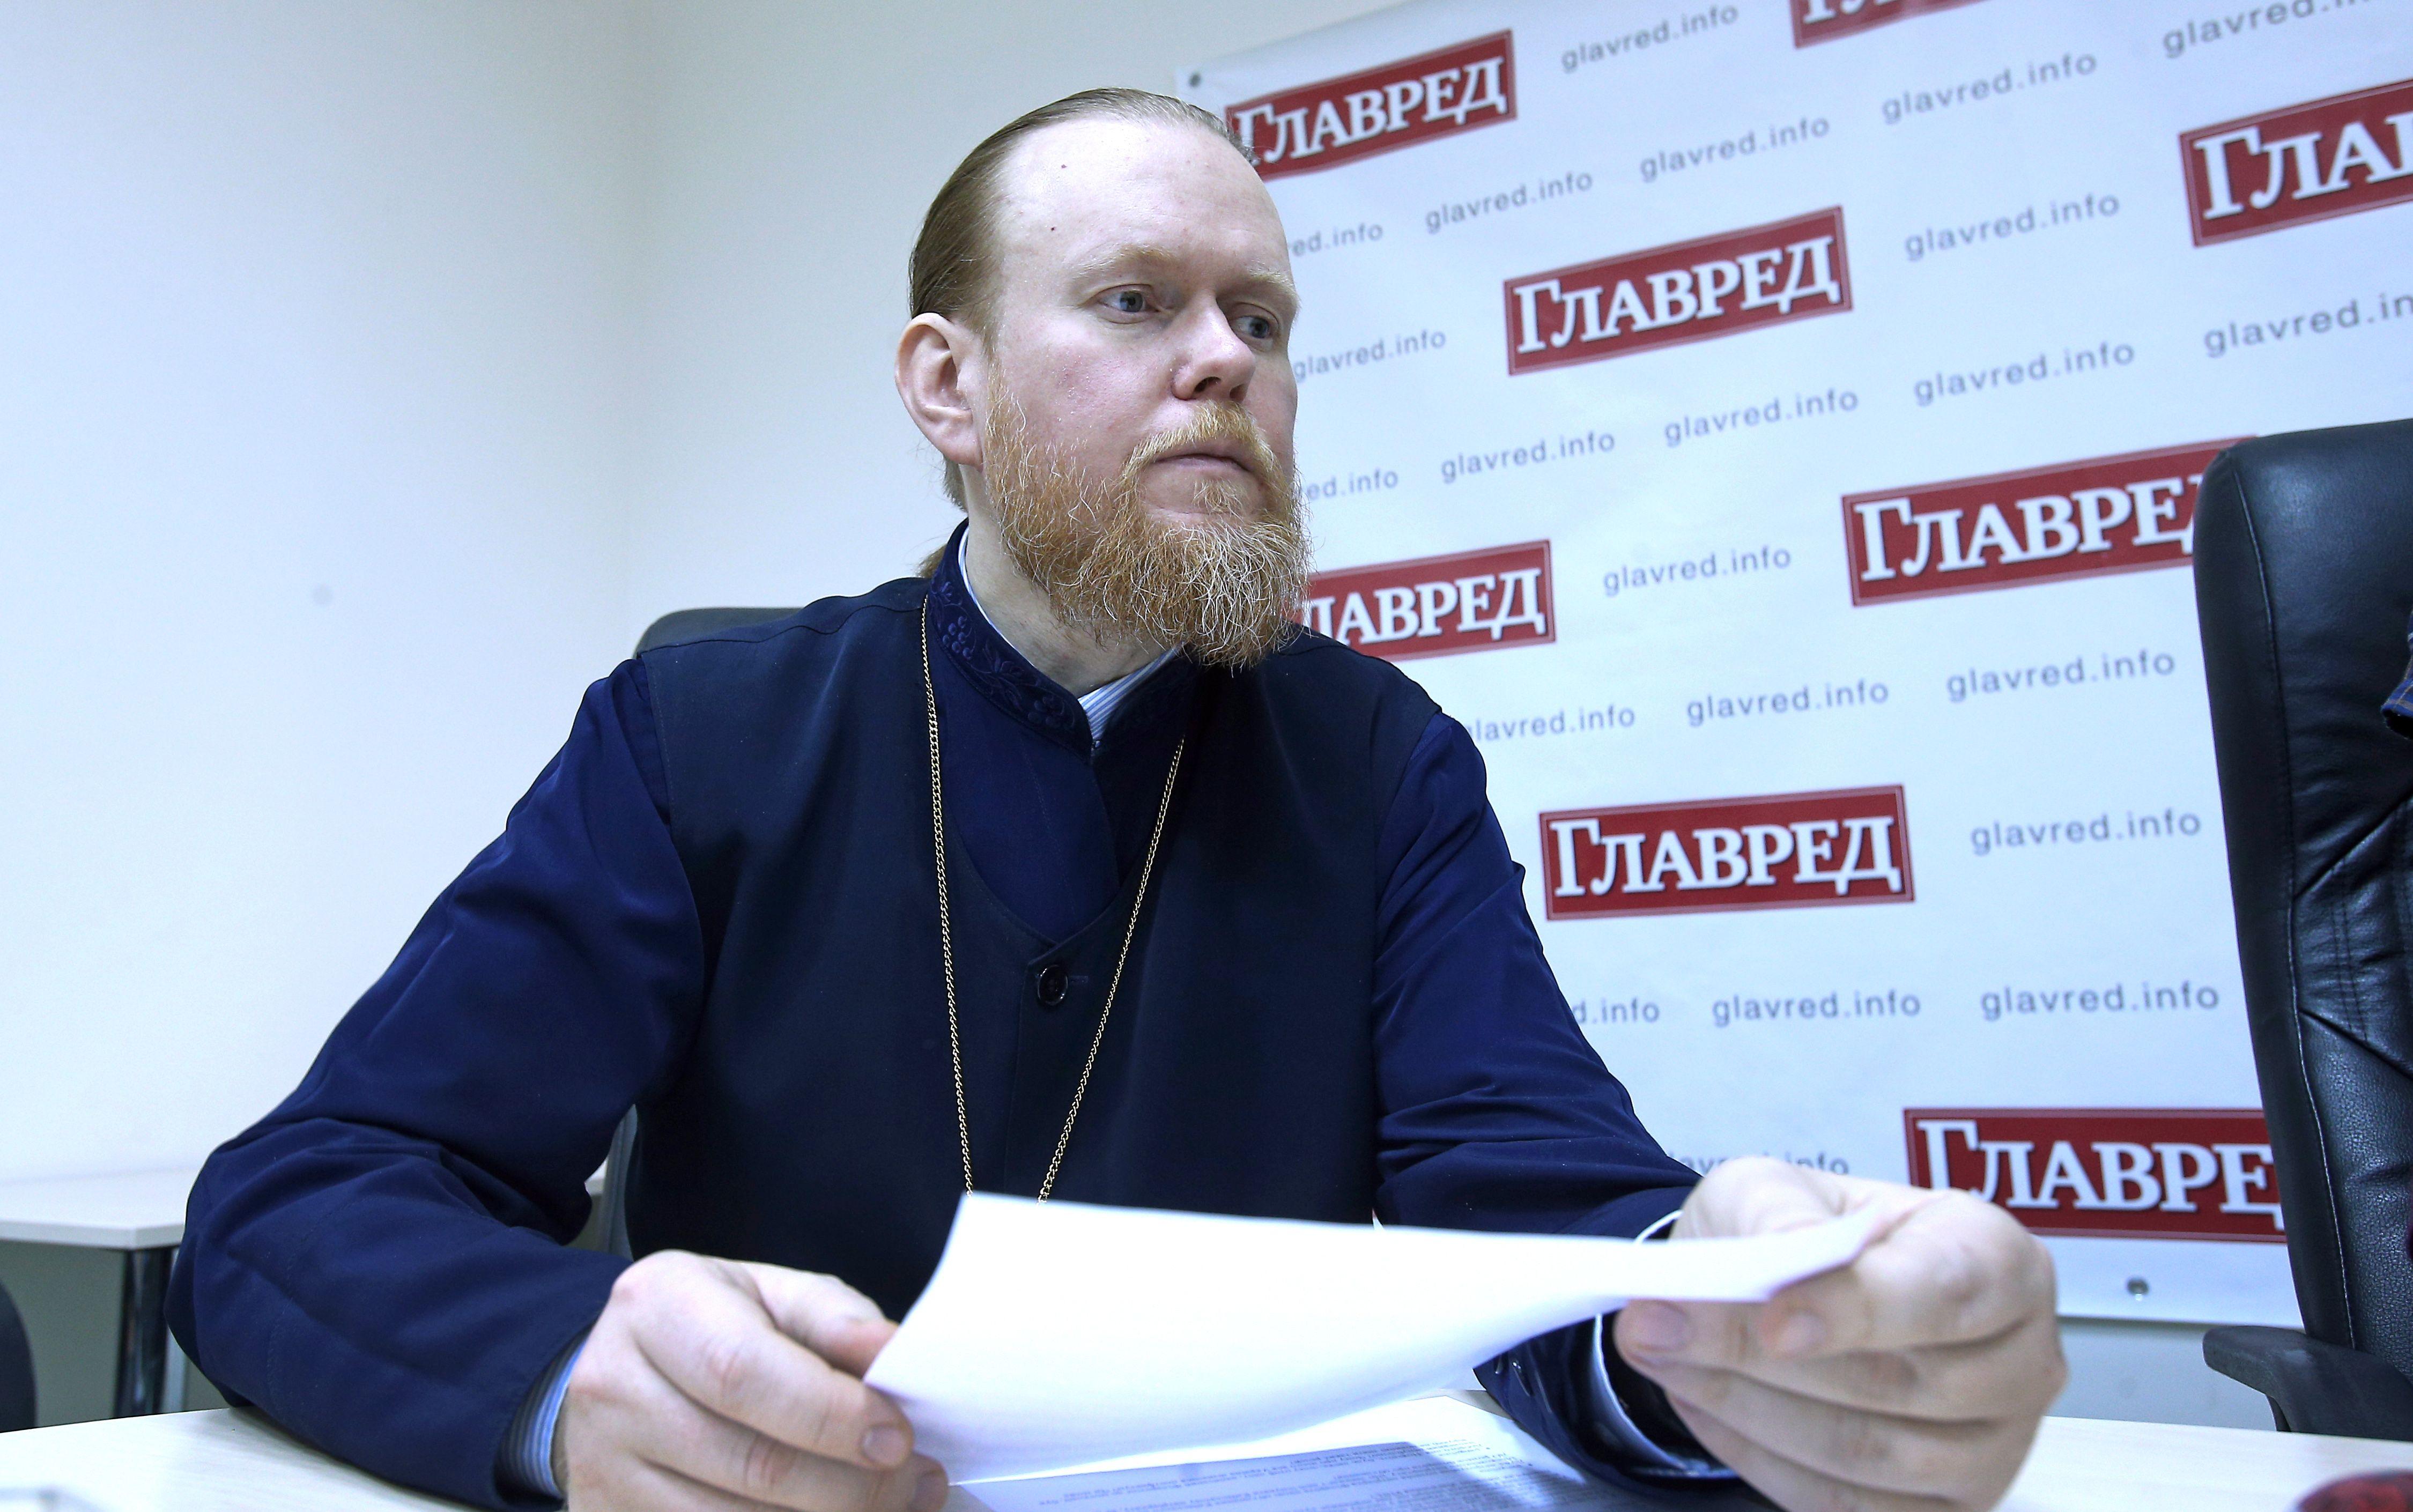 Архиепископ сообщил, что Украинская православная церковь должна получить томос во второй половине ноября